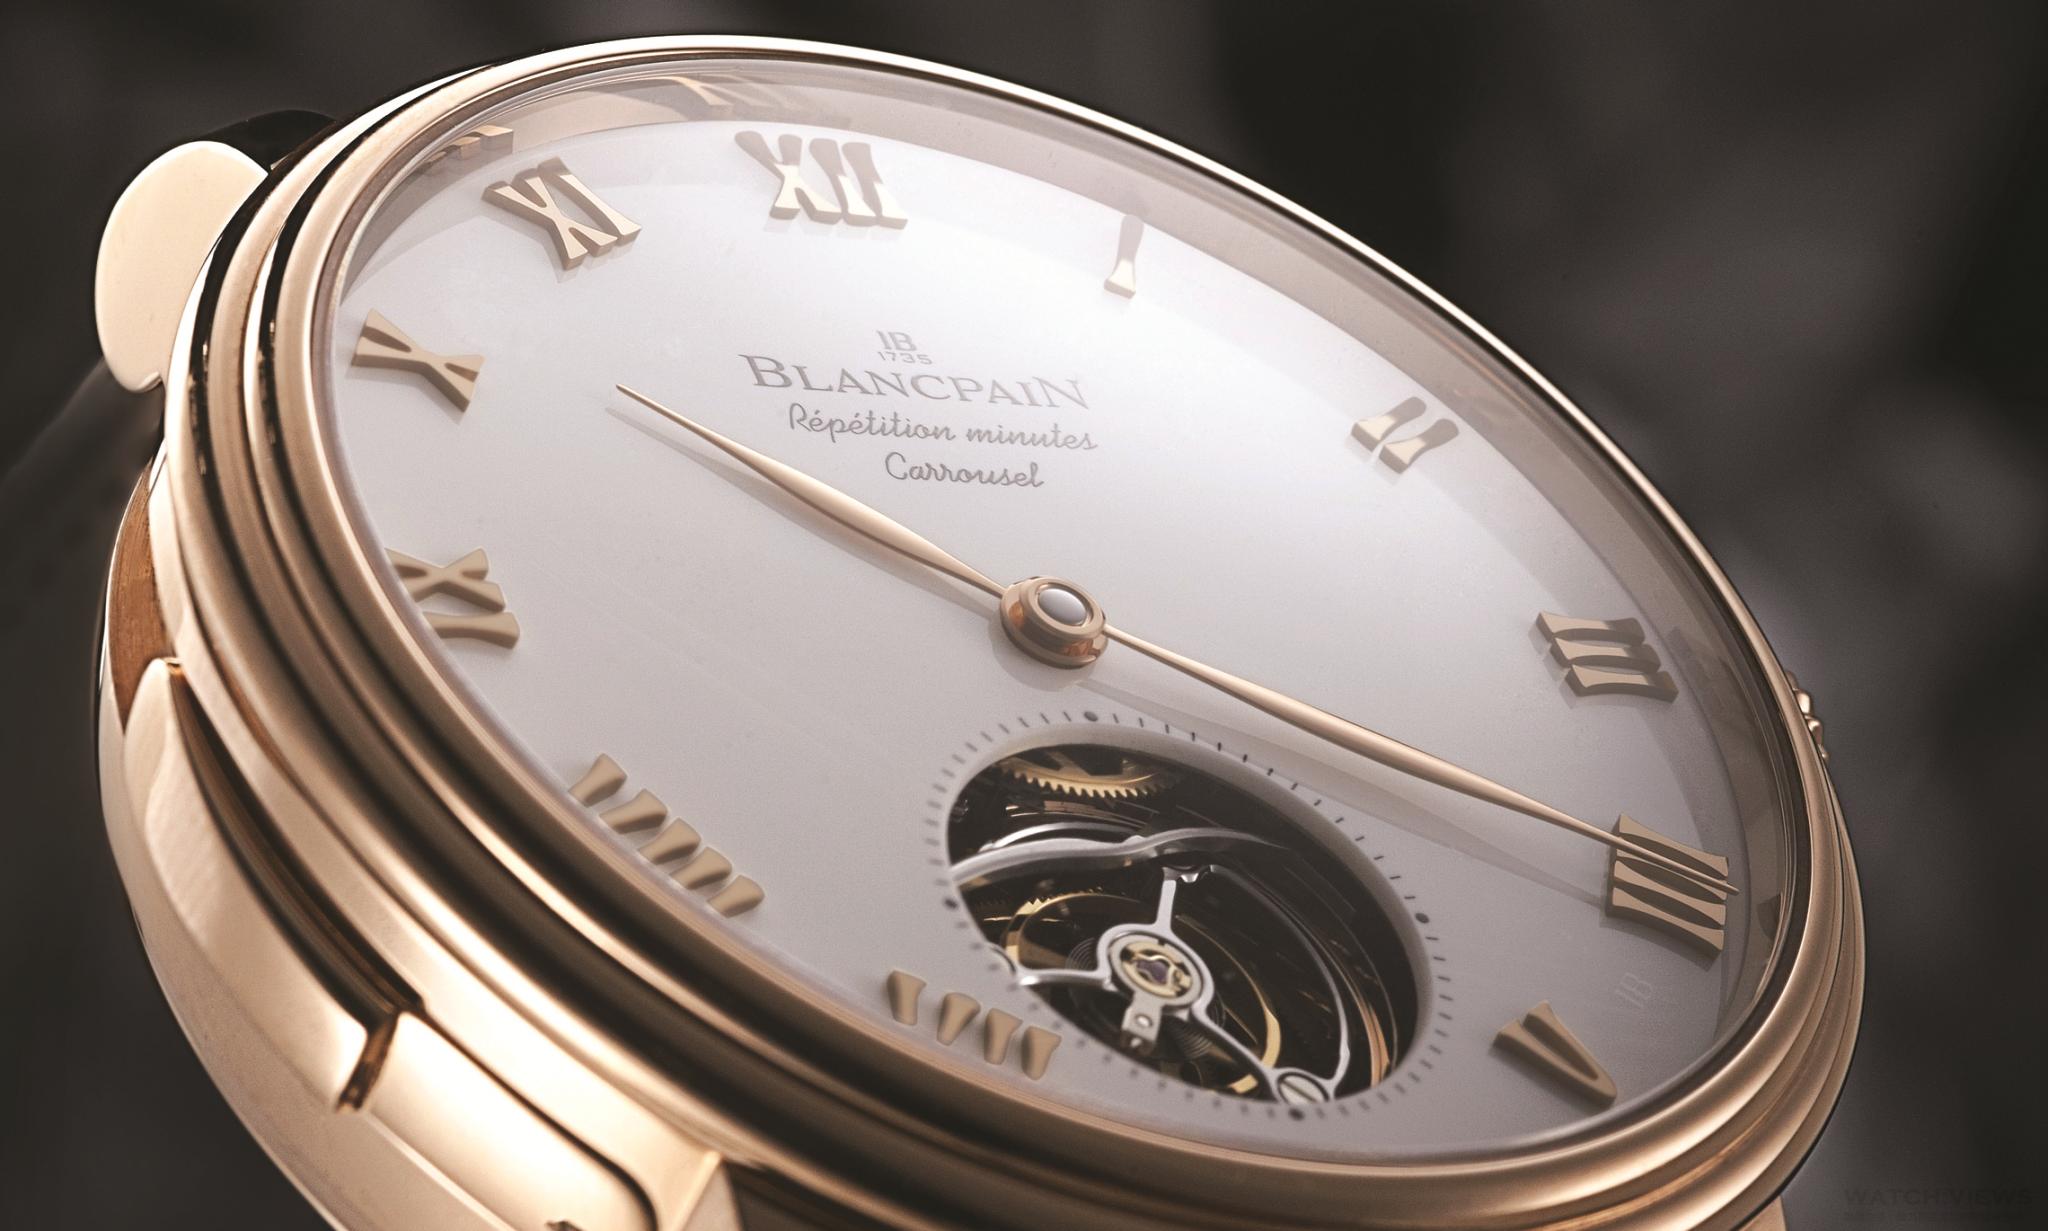 熱情如火的計時工藝,寶鉑高複雜頂級腕錶於台北101專賣店限期展出